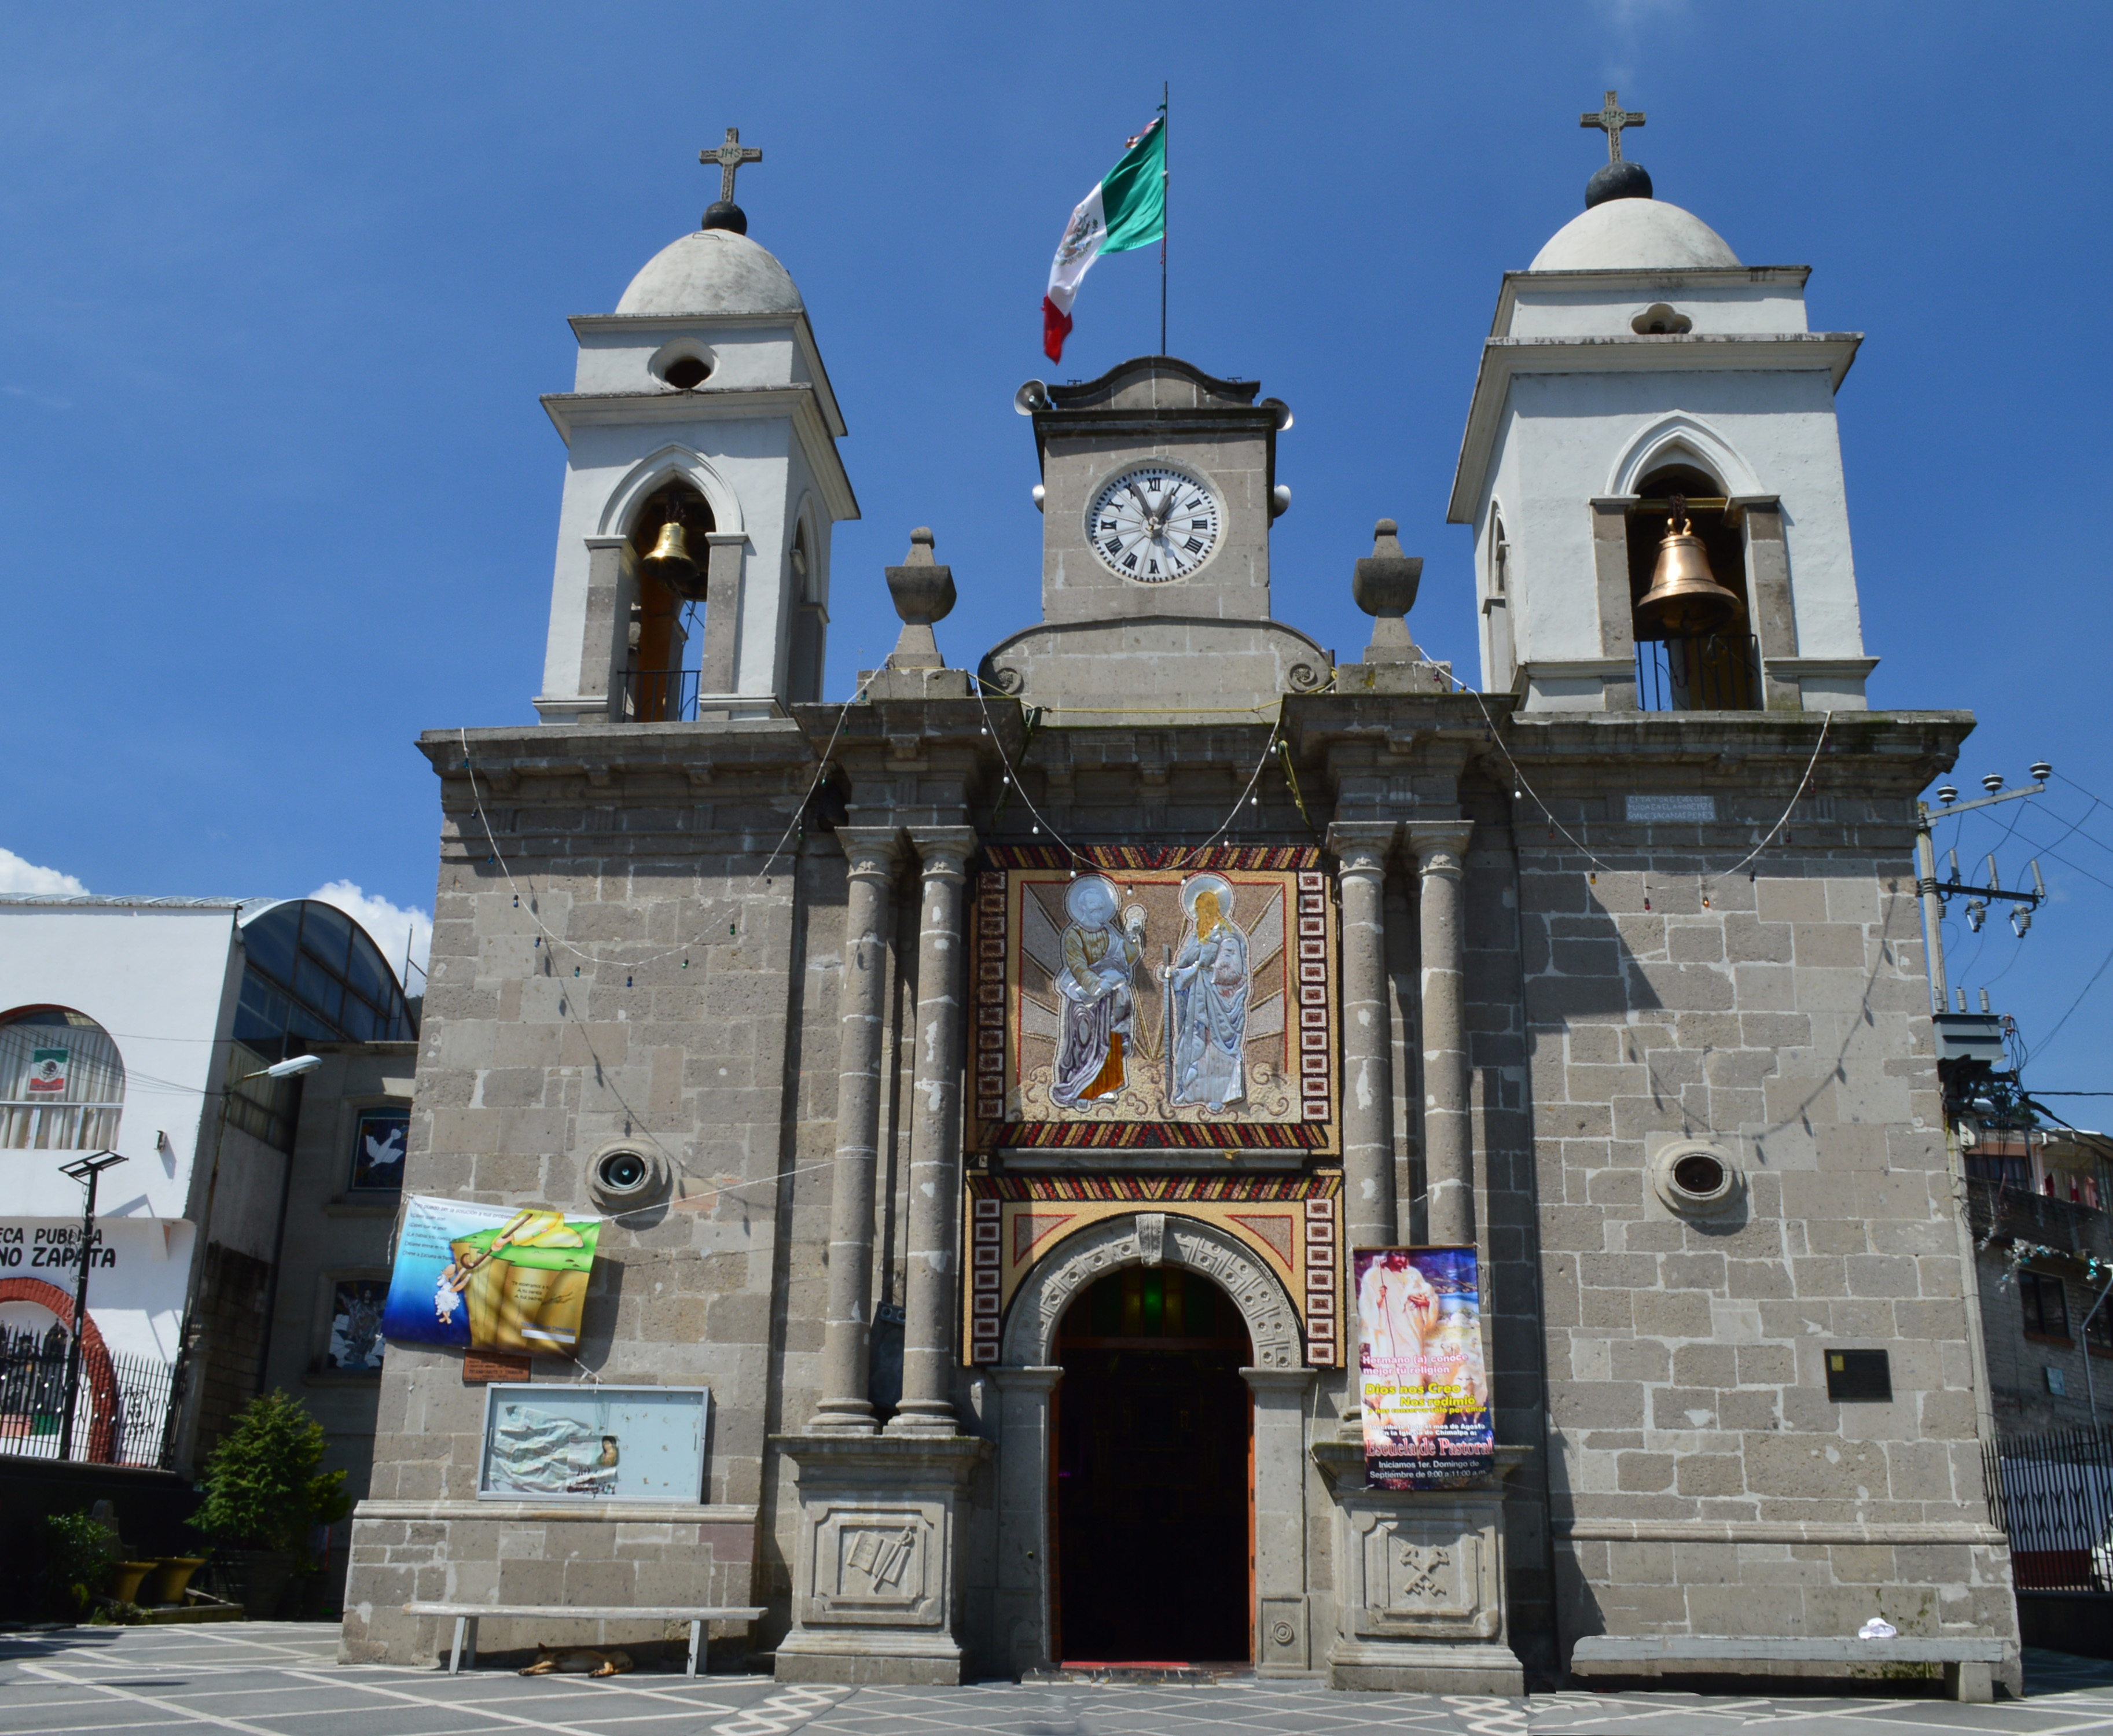 Chimalpa City